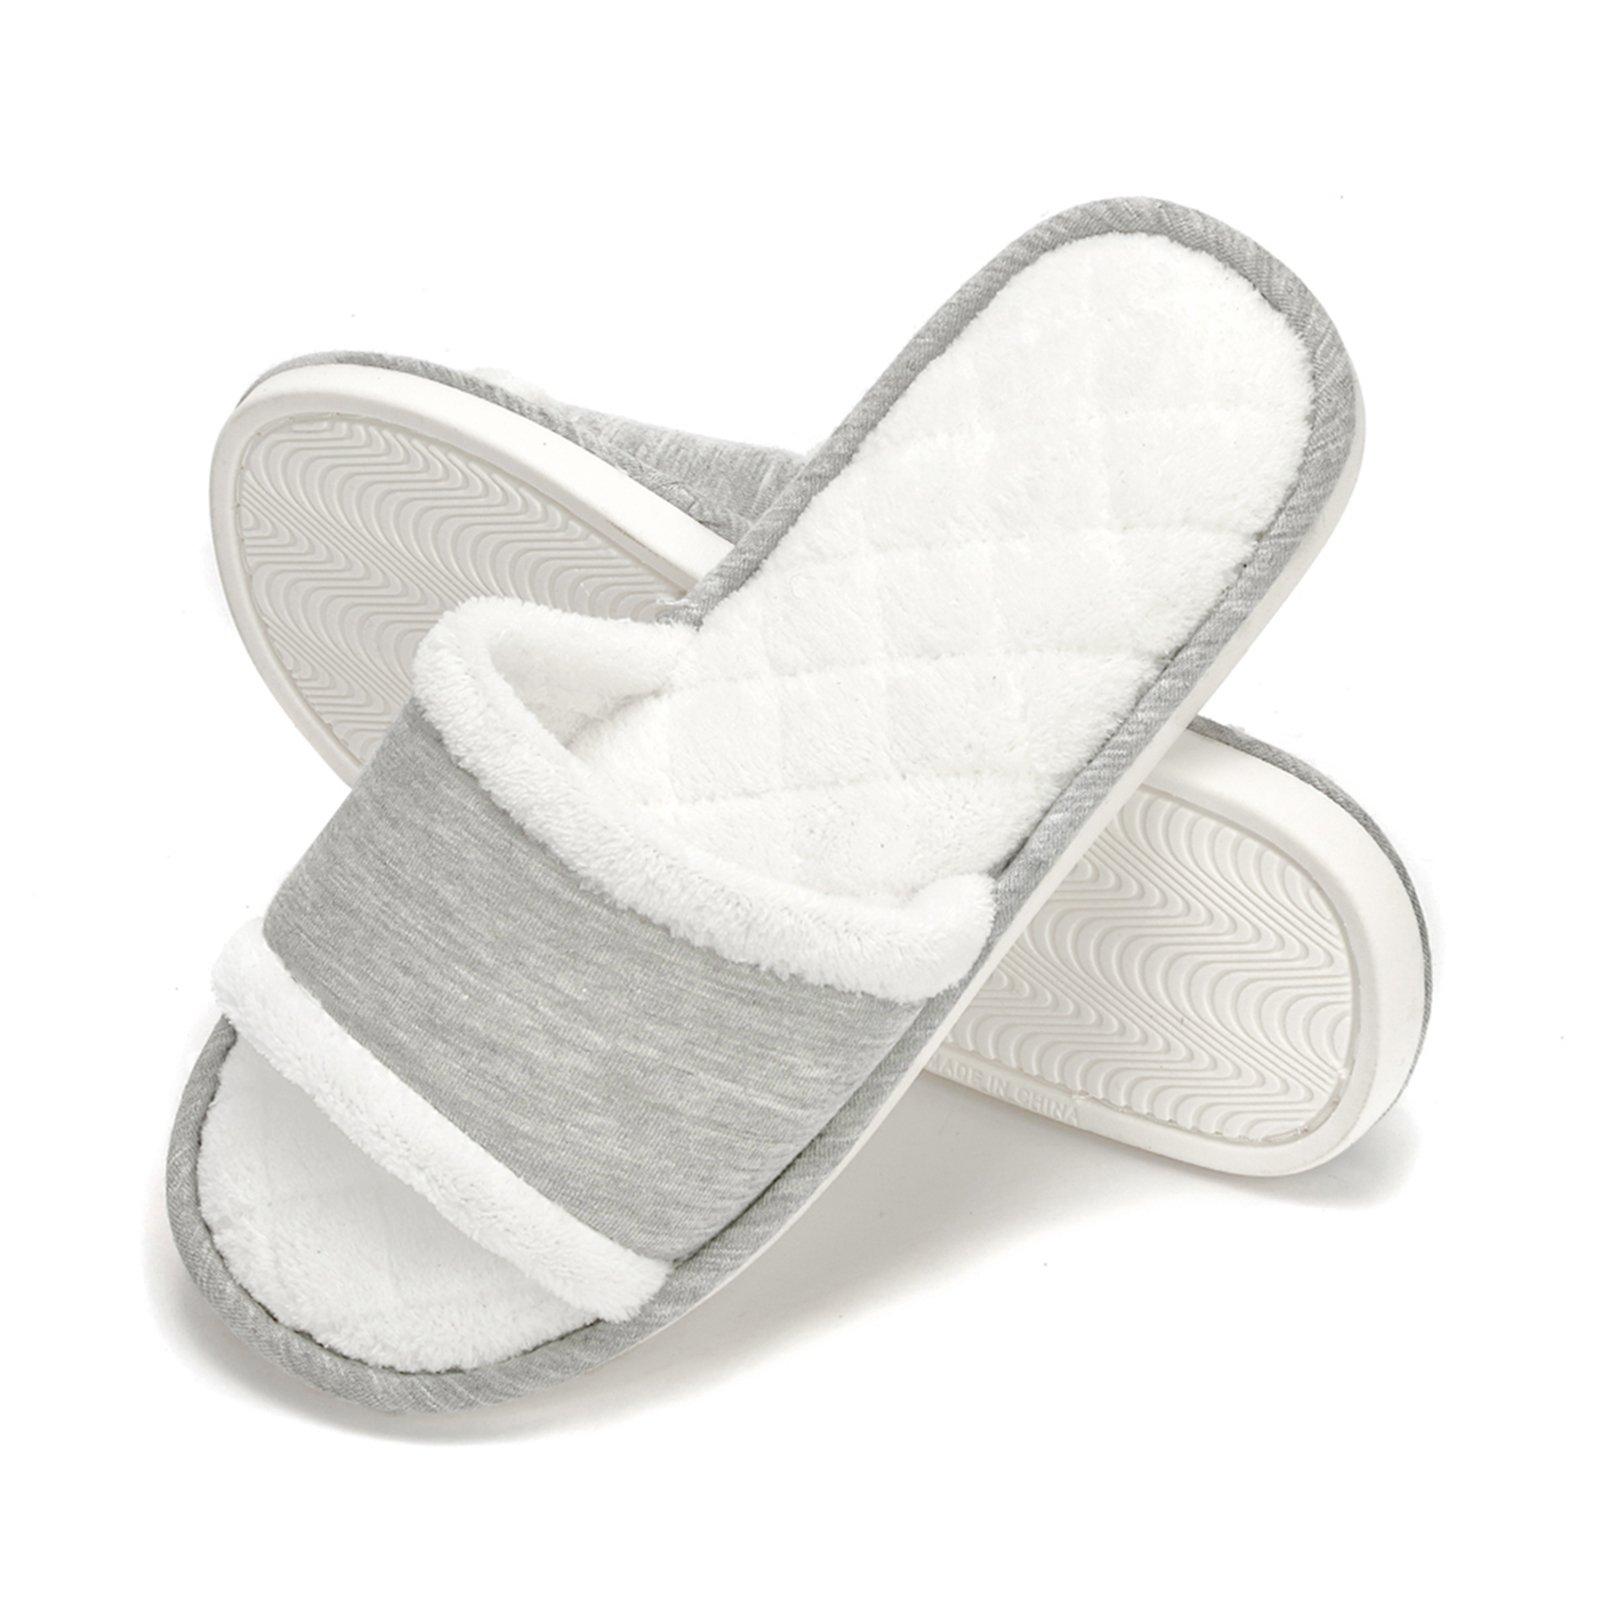 DRSLPAR Womens Comfort House Slippers Plush Memory Foam Open Toe Spa Slide Slippers Grey M